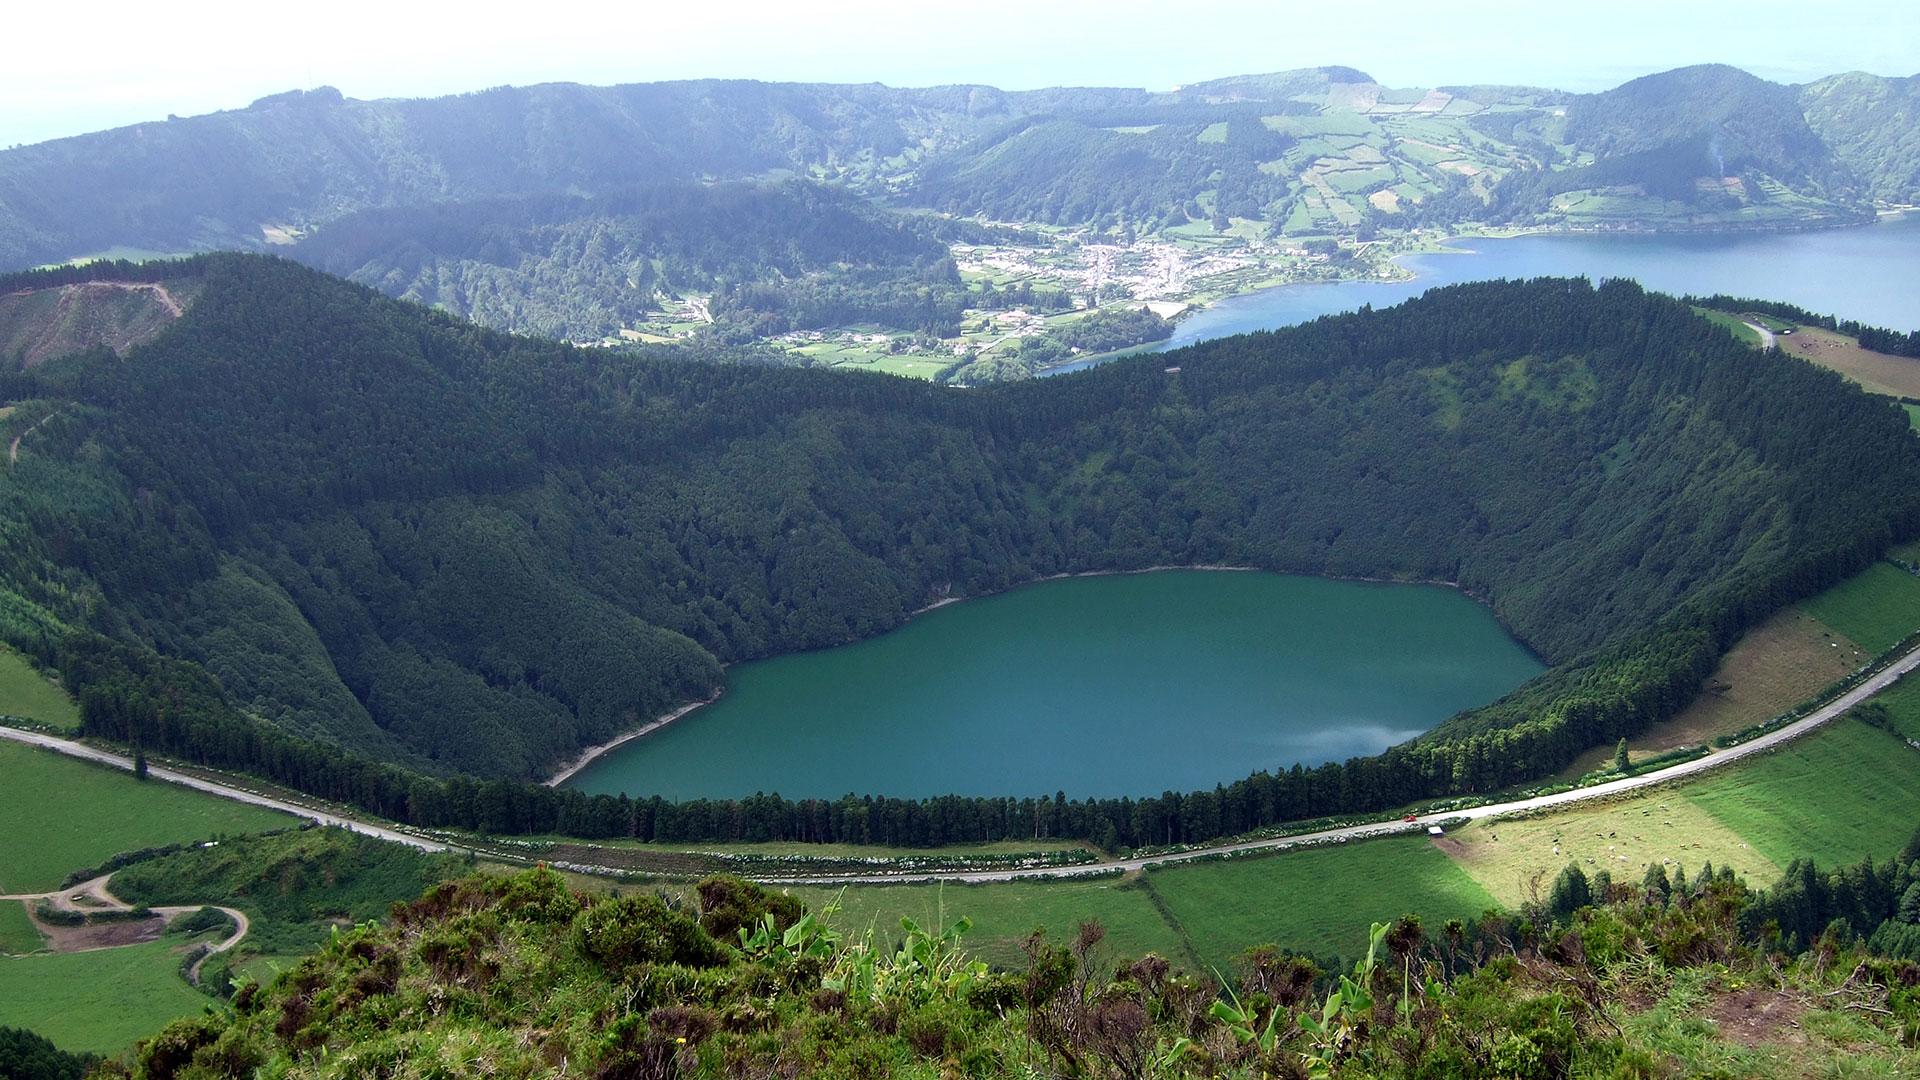 En el 2012,recibió el premio QualityCoast de oro por sus esfuerzos por convertirse en un destino turístico sostenible. Gracias a este premio, las Azores han sido seleccionadas para ser incluidas en el atlas global del turismo sostenible